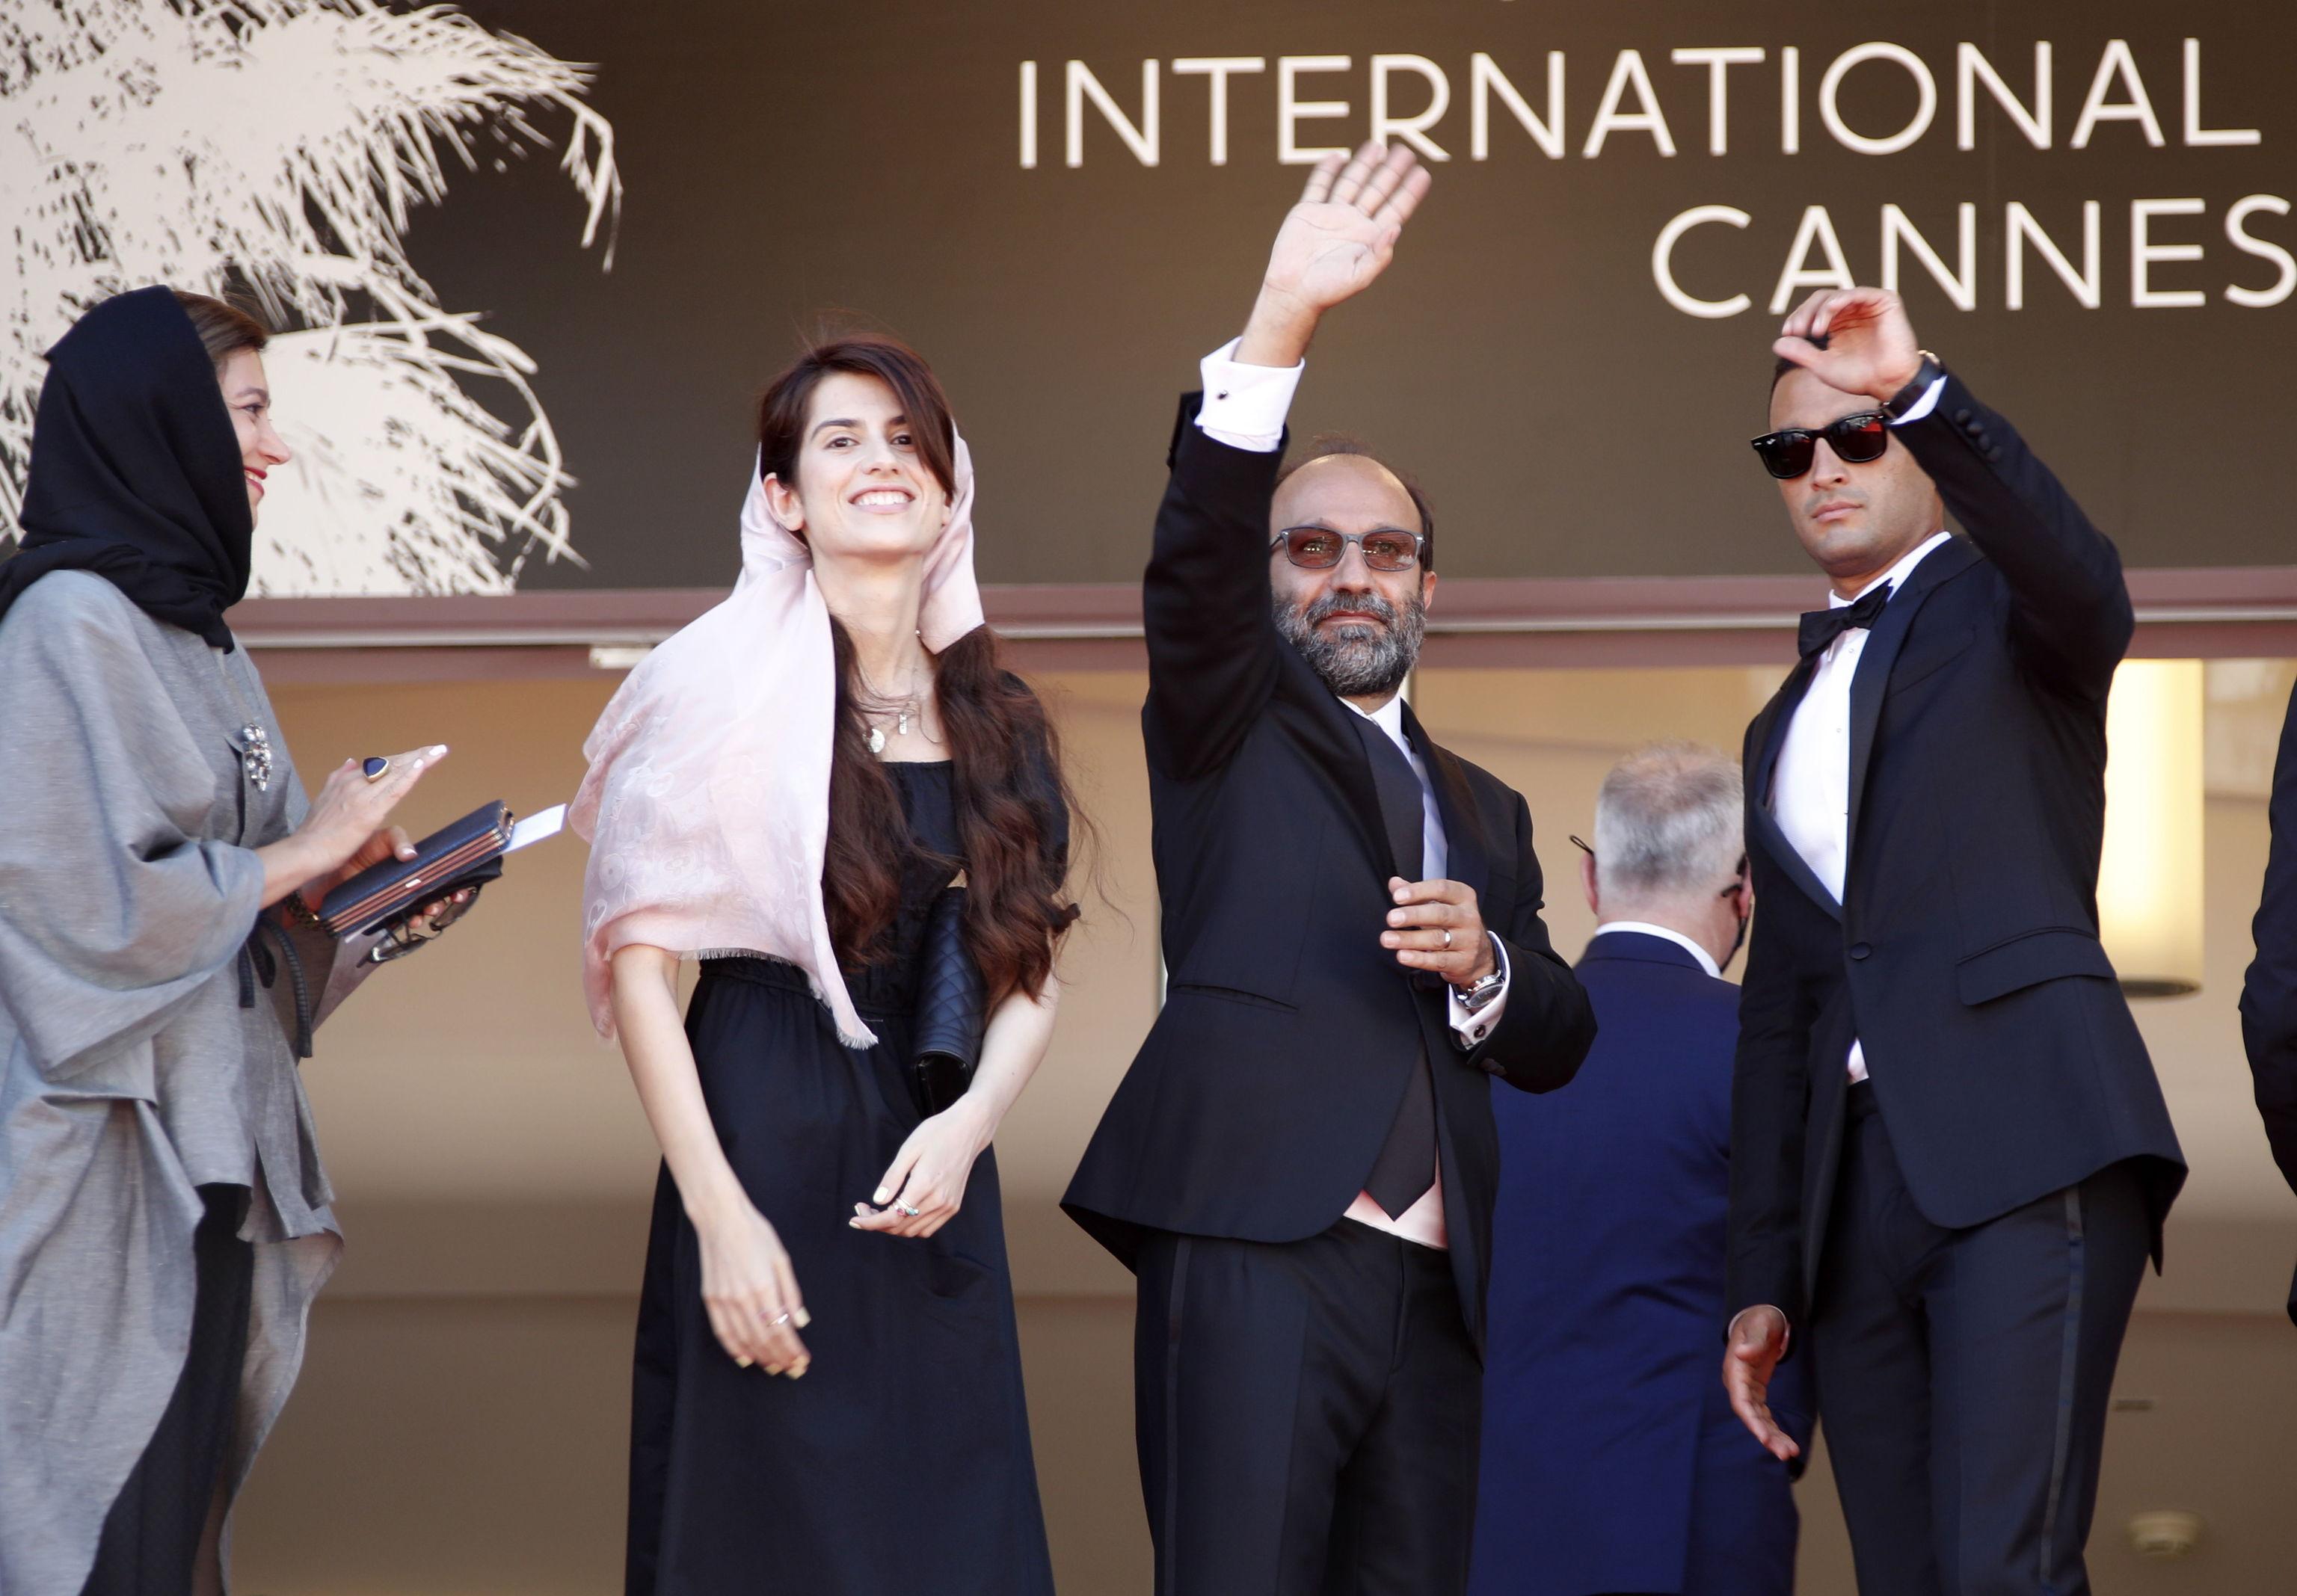 El director iraní Asghar Farhadi llega rodeado de su equipo a la presentación de 'A hero'.